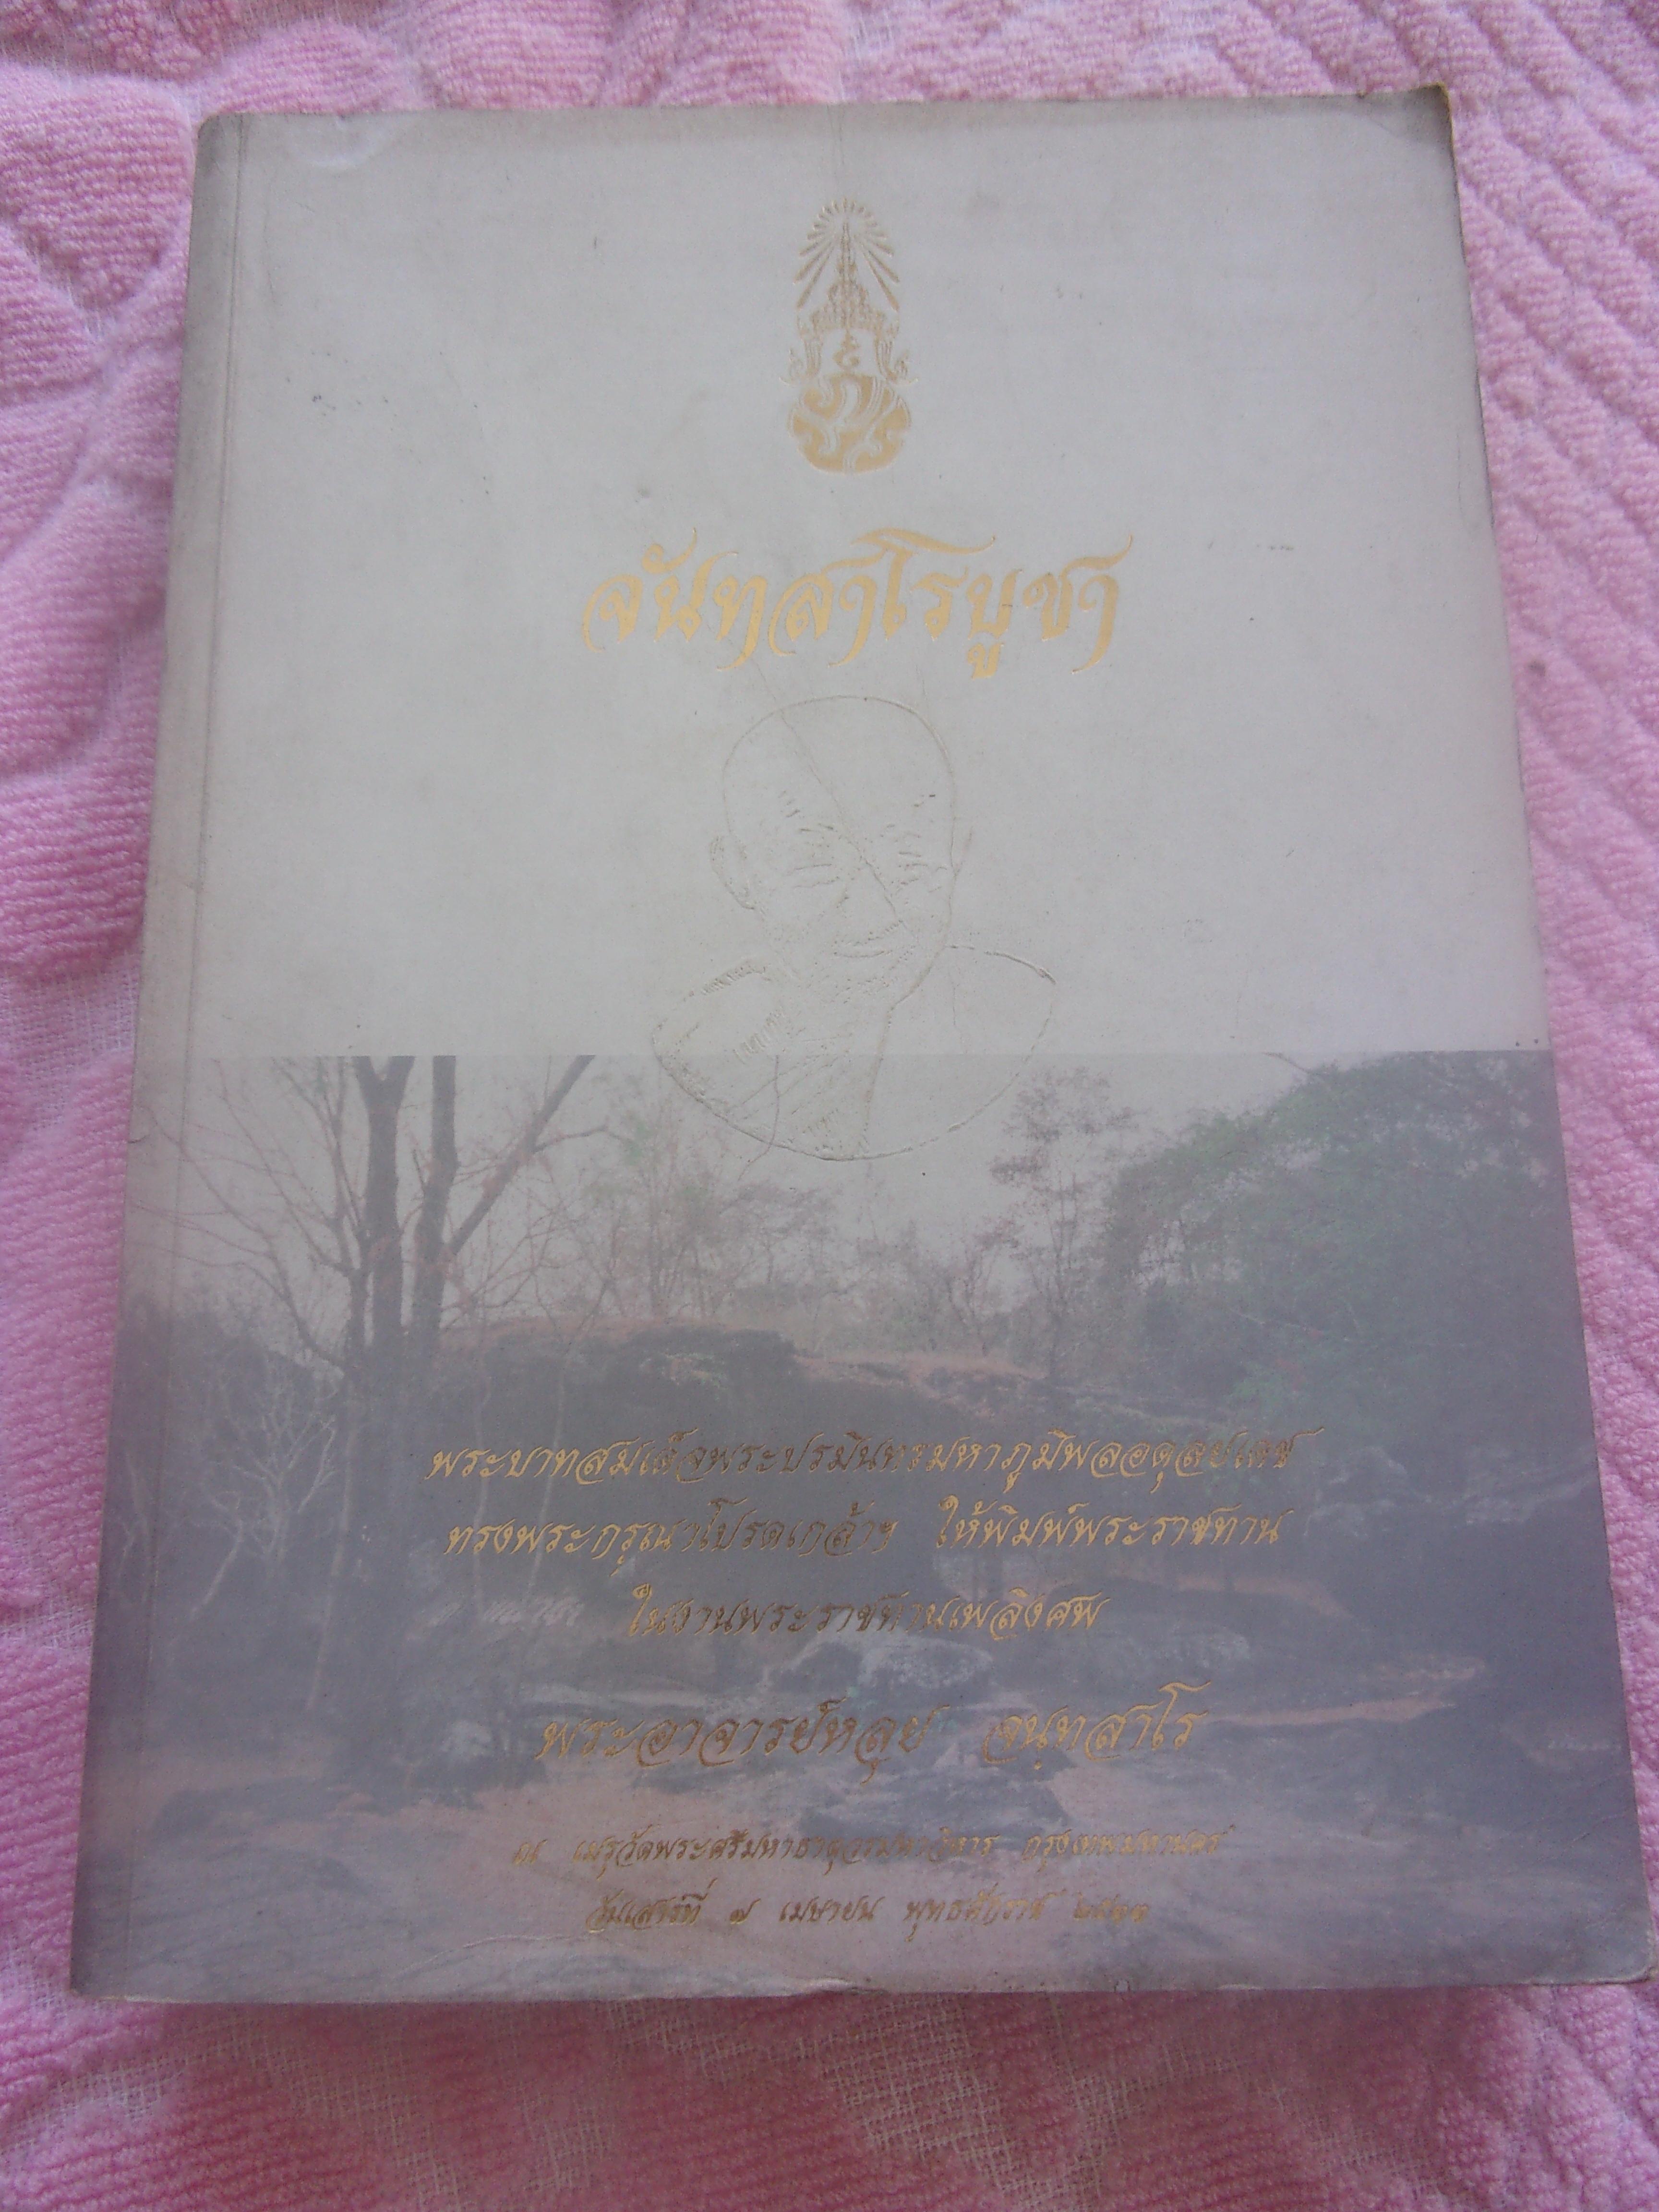 """""""จันทสาโรบูชา""""หนังสือที่ระลึกในงานพระราชทานเพลิงศพหลวงปู่หลุย จันทสาโรกว้าง18.5ยาว26ซม.มี483หน้าปี2533"""